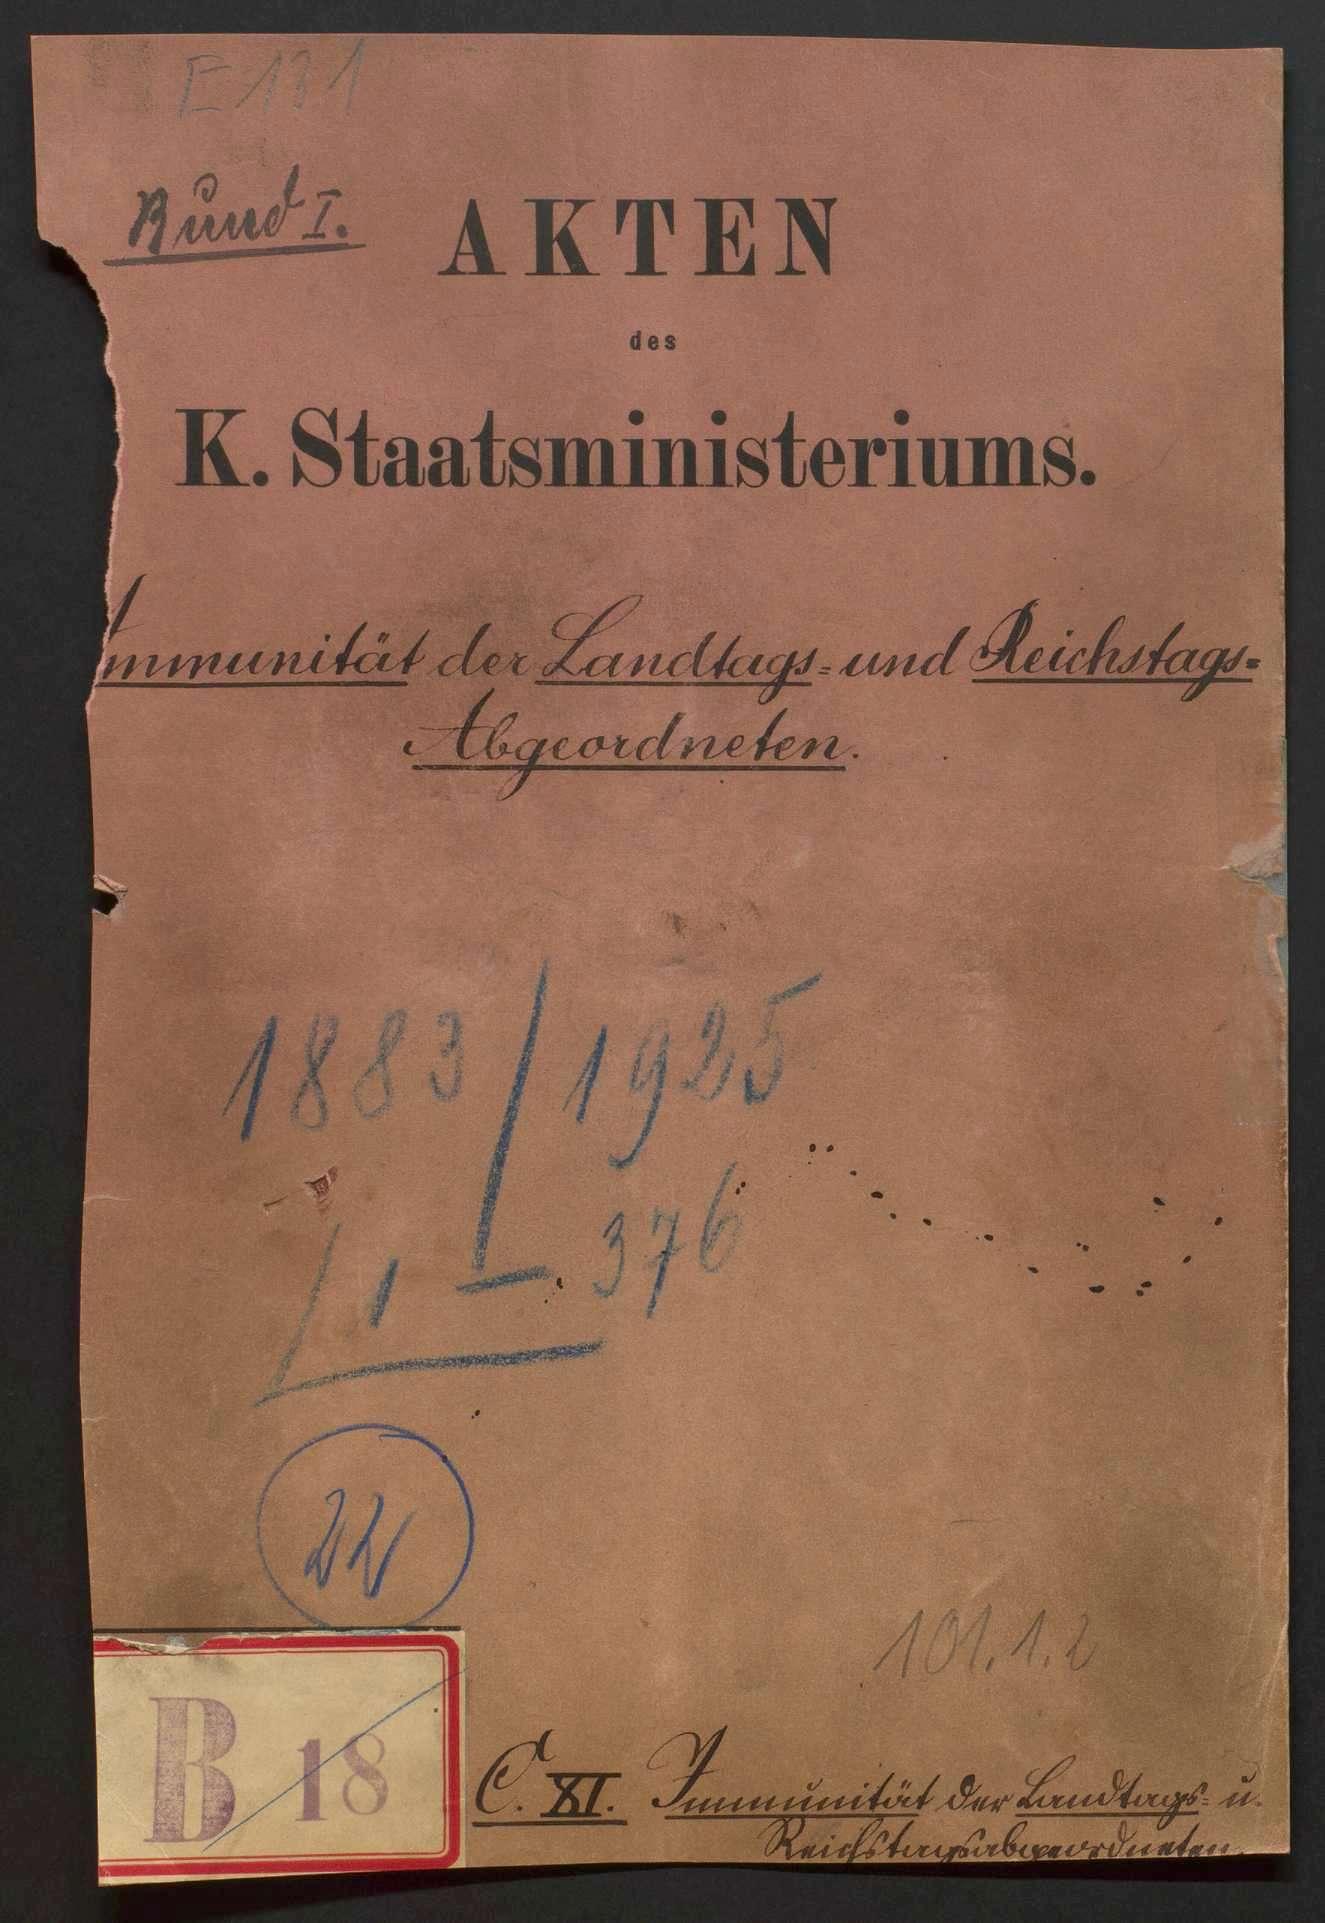 Immunität der Reichs- und Landtagsabgeordneten, Bild 1